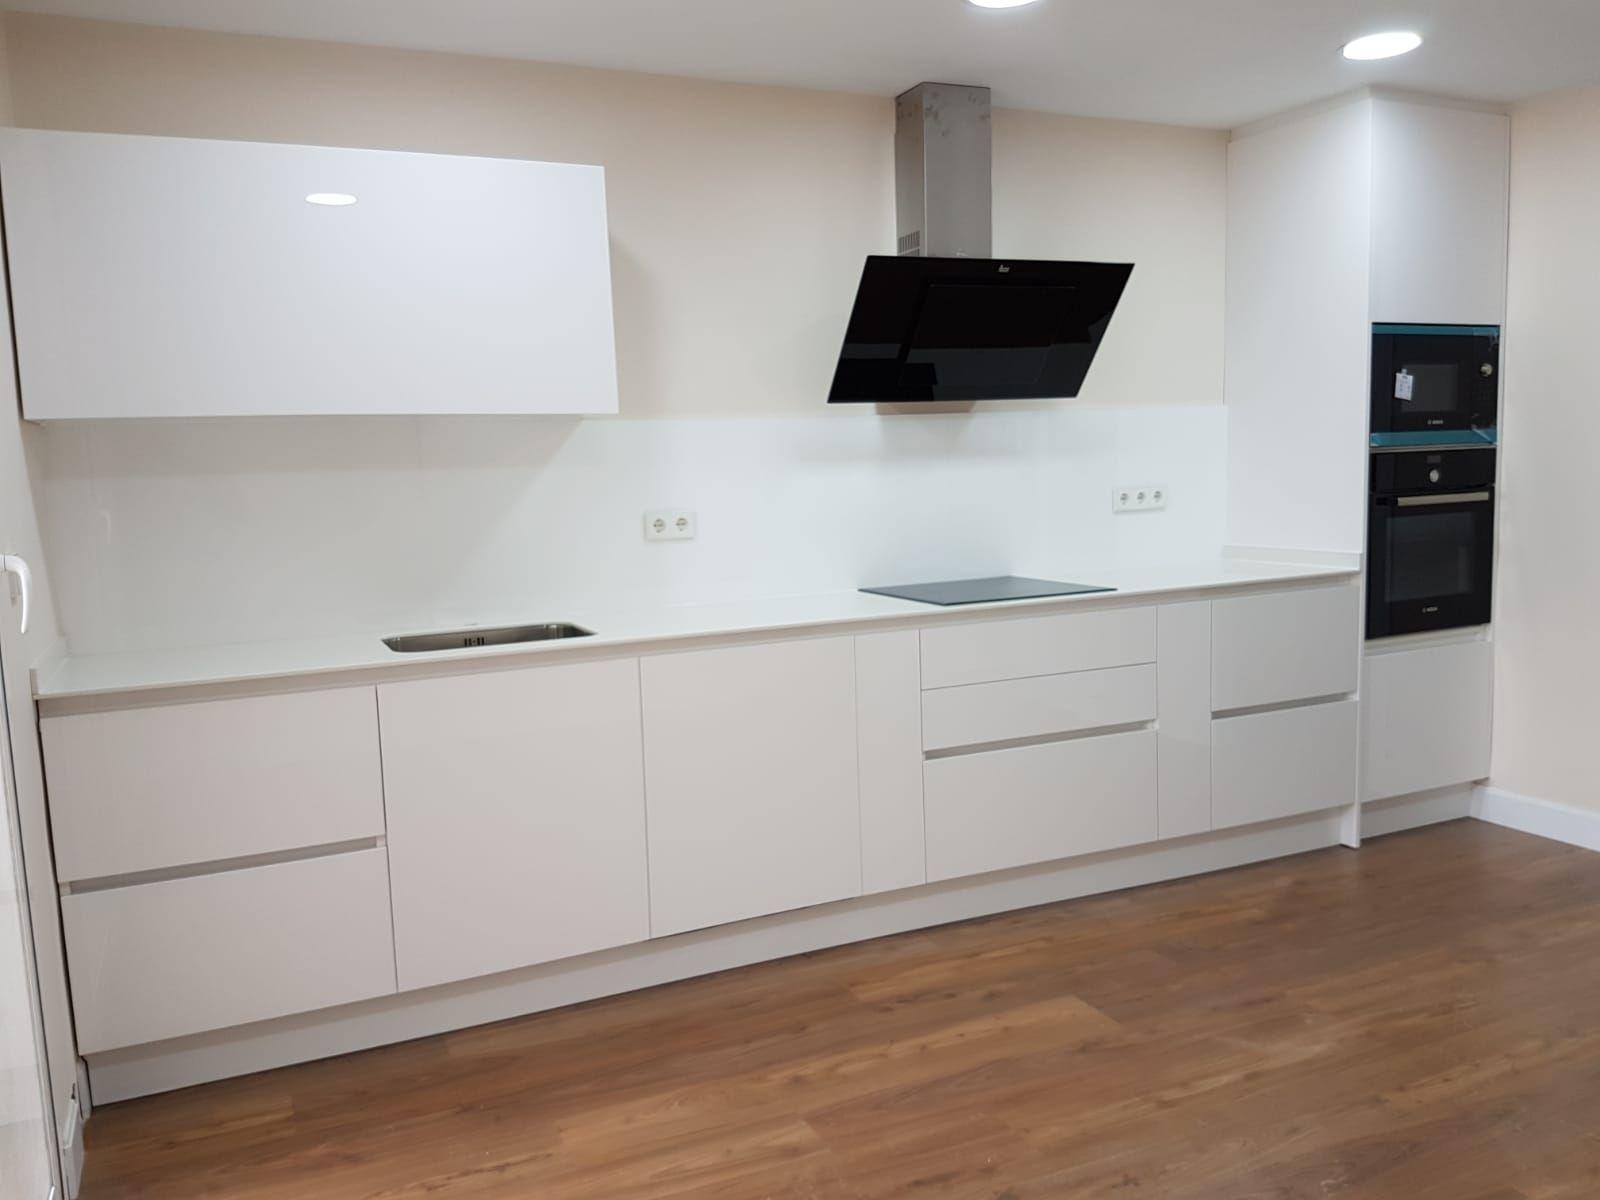 Muebles de cocina a medida en Murcia